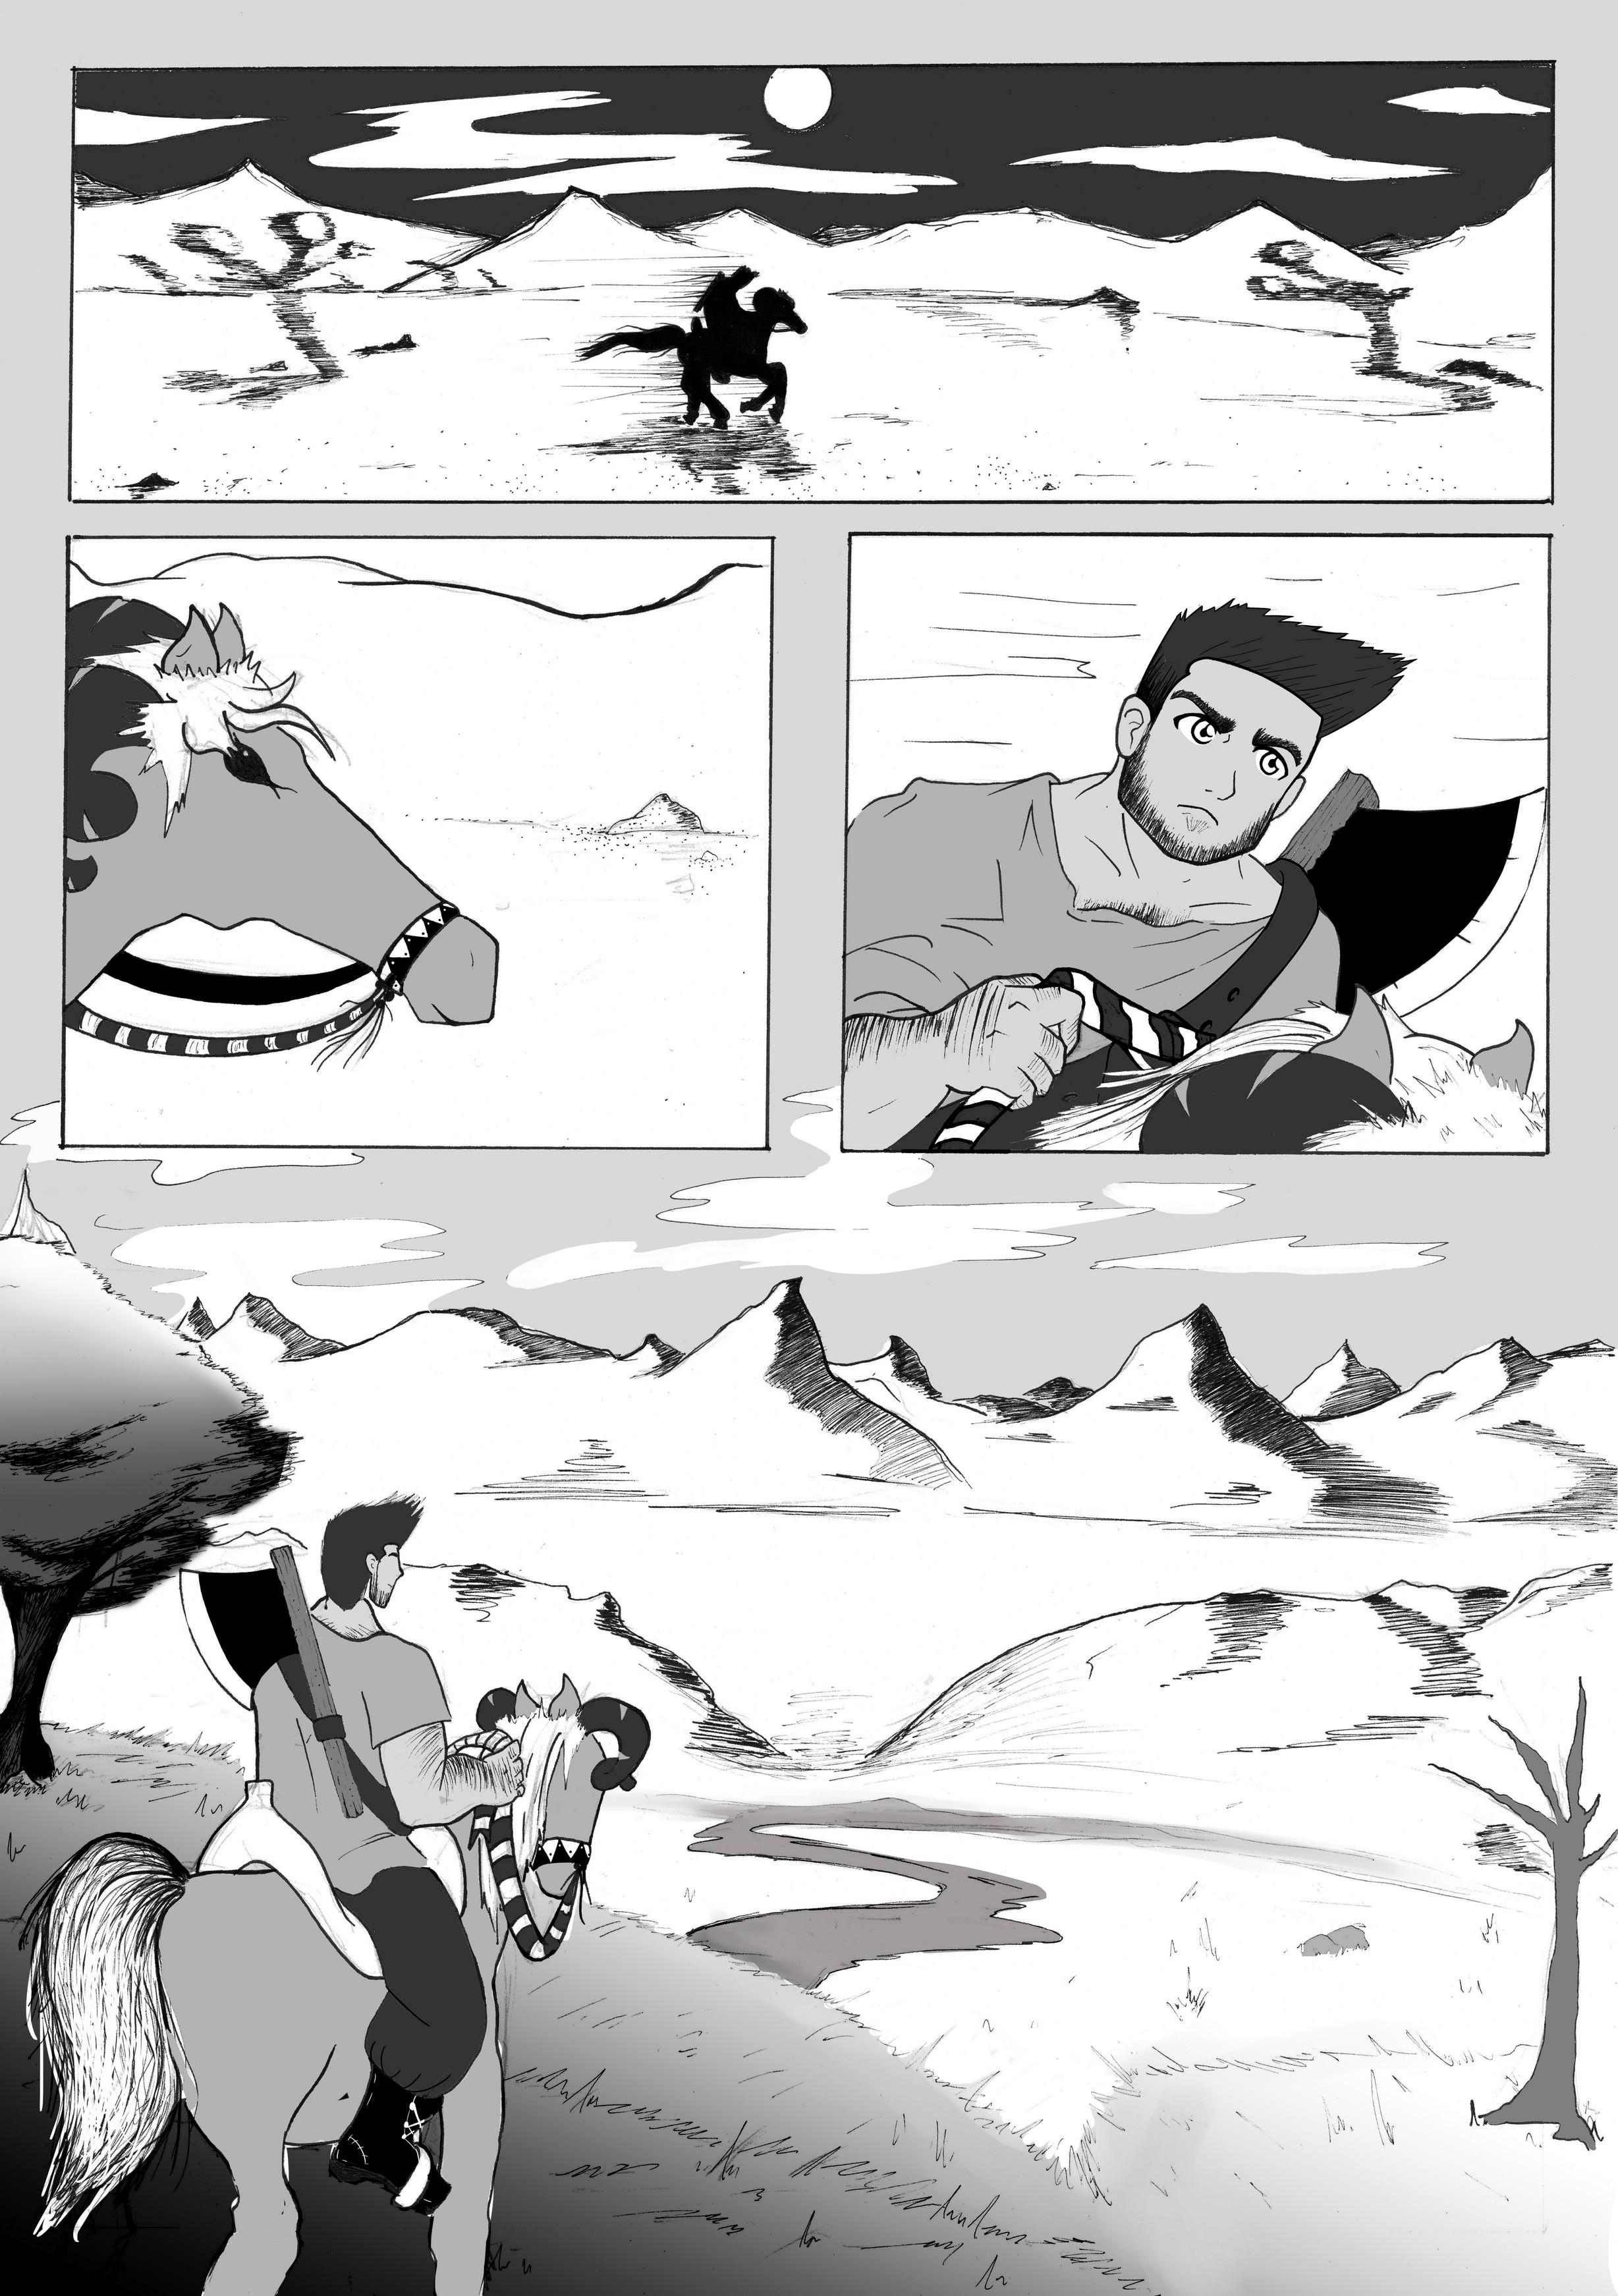 Enlaces 5 pagina grises